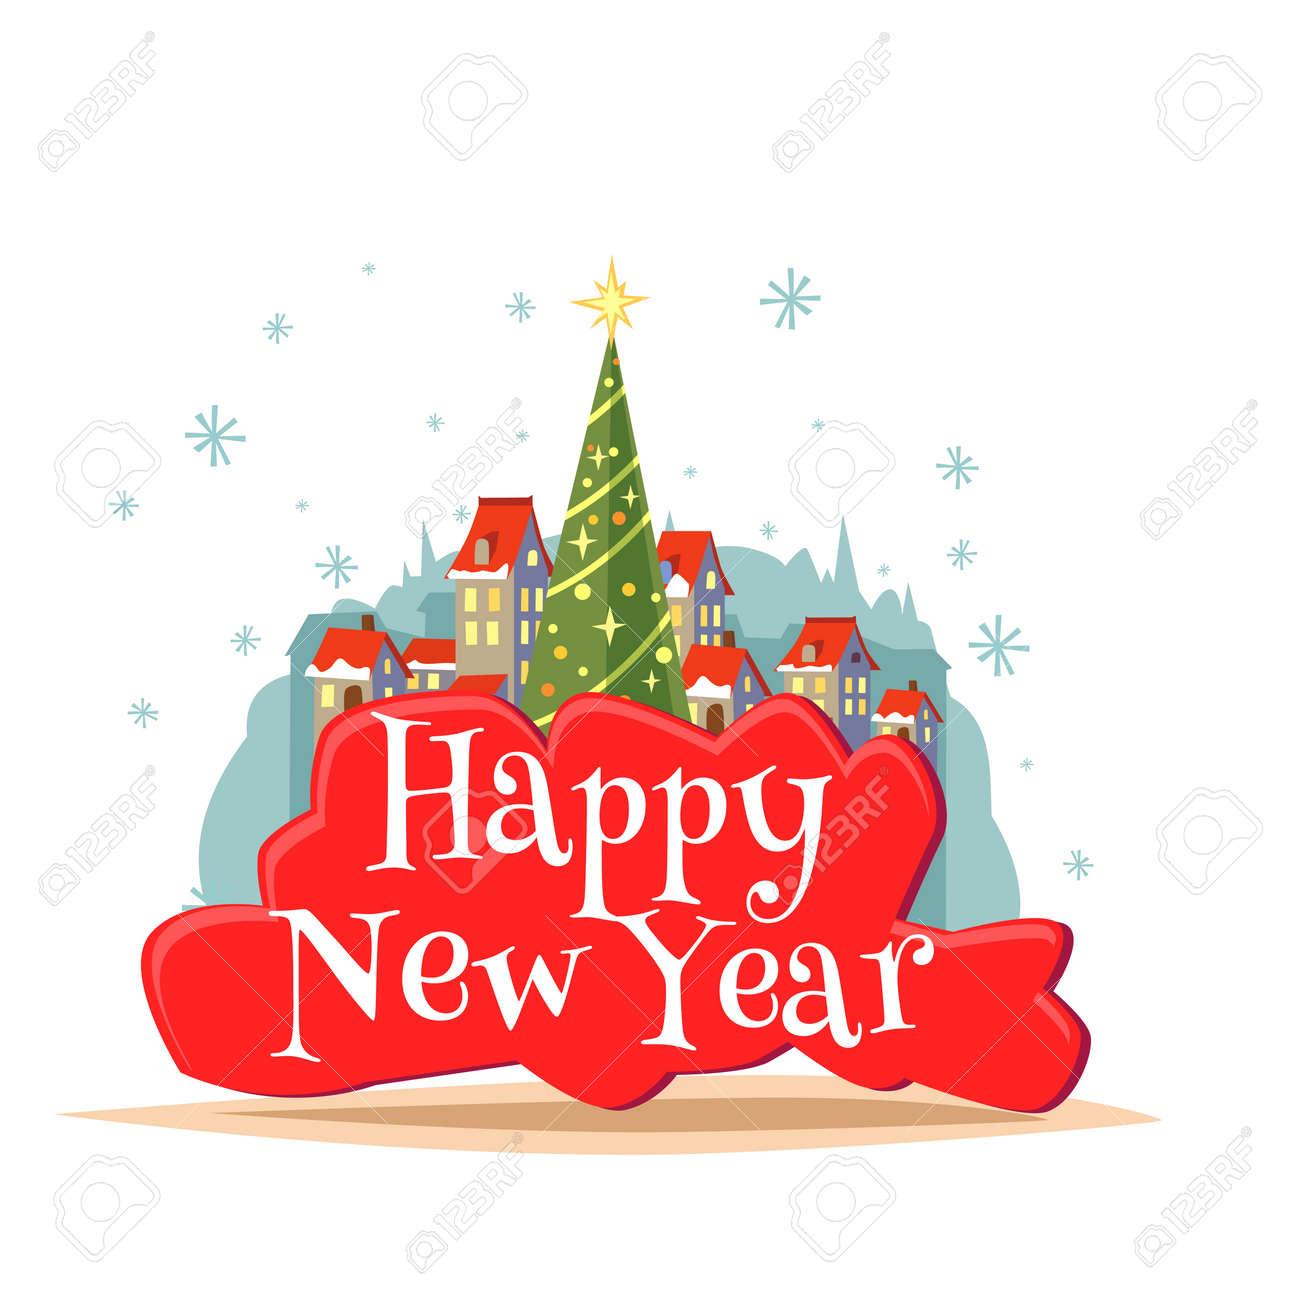 Immagini Piccole Di Natale.Cartolina Felice Anno Nuovo Con Iscrizione Illustrazione Di Albero Di Natale E Il Villaggio Con Piccole Case